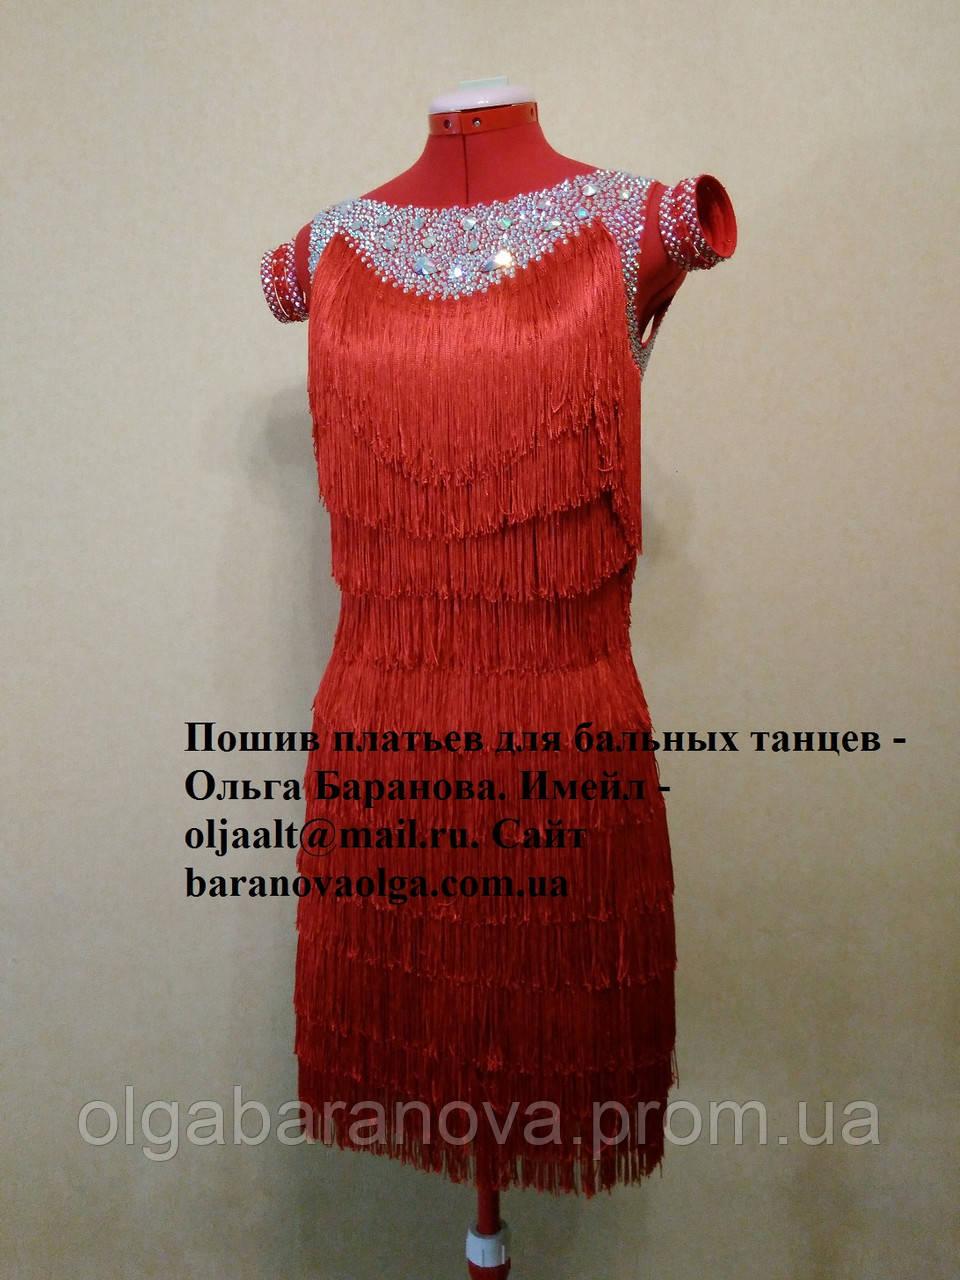 6a4862b09b9971f Платье для бальных танцев из бахромы - латина: продажа, цена в Киеве ...